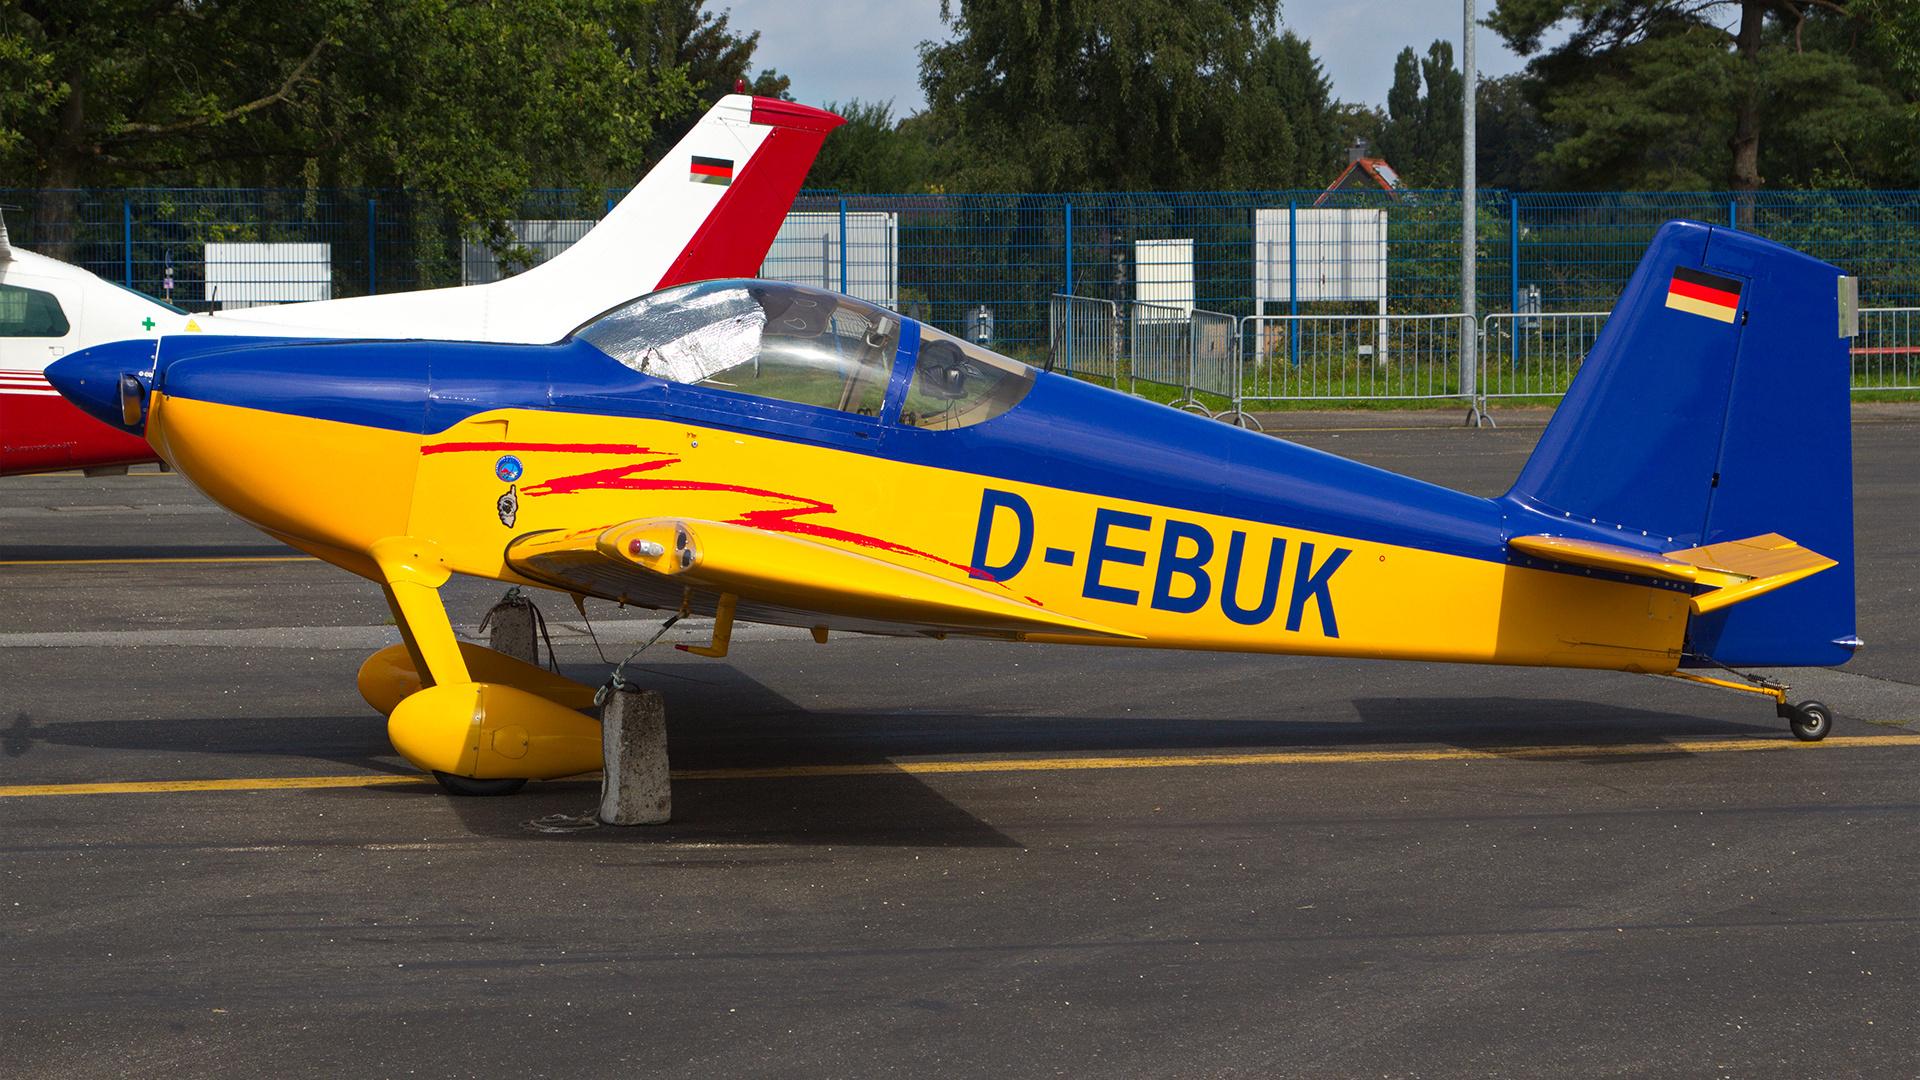 D-EBUK-1 RV7 ESS 201608